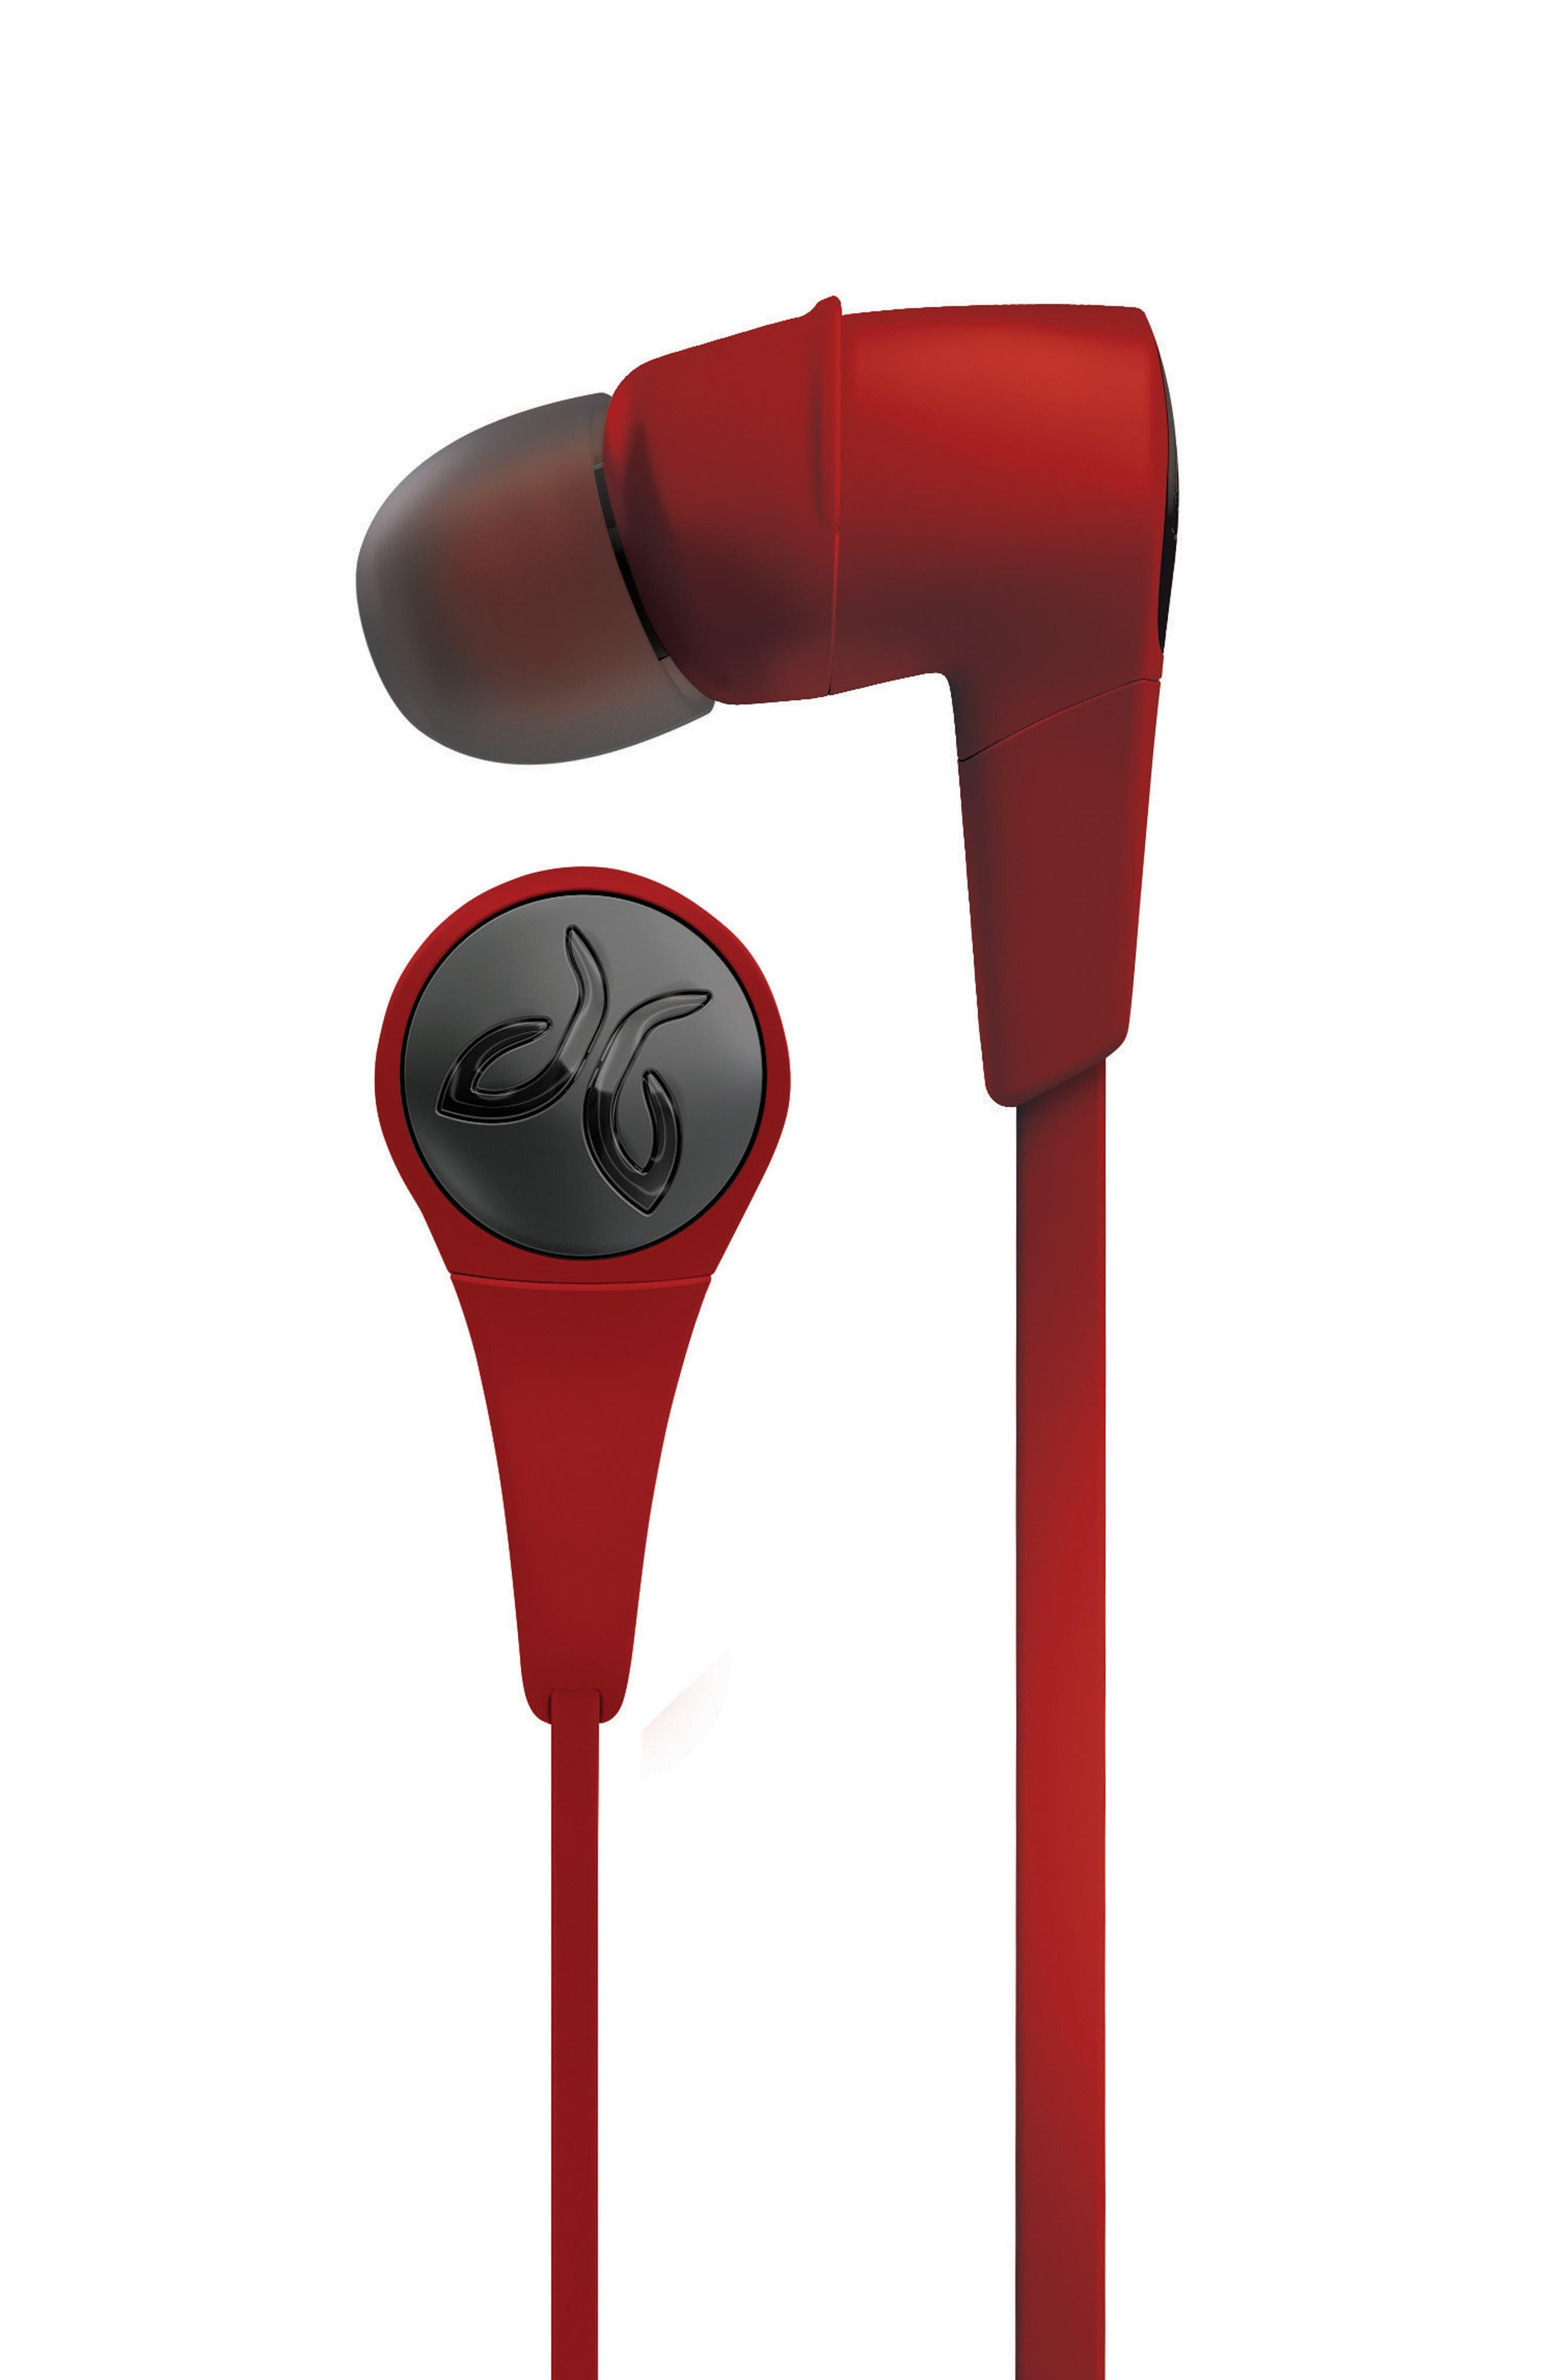 Jaybird x3 Sport BT Wireless Earbuds